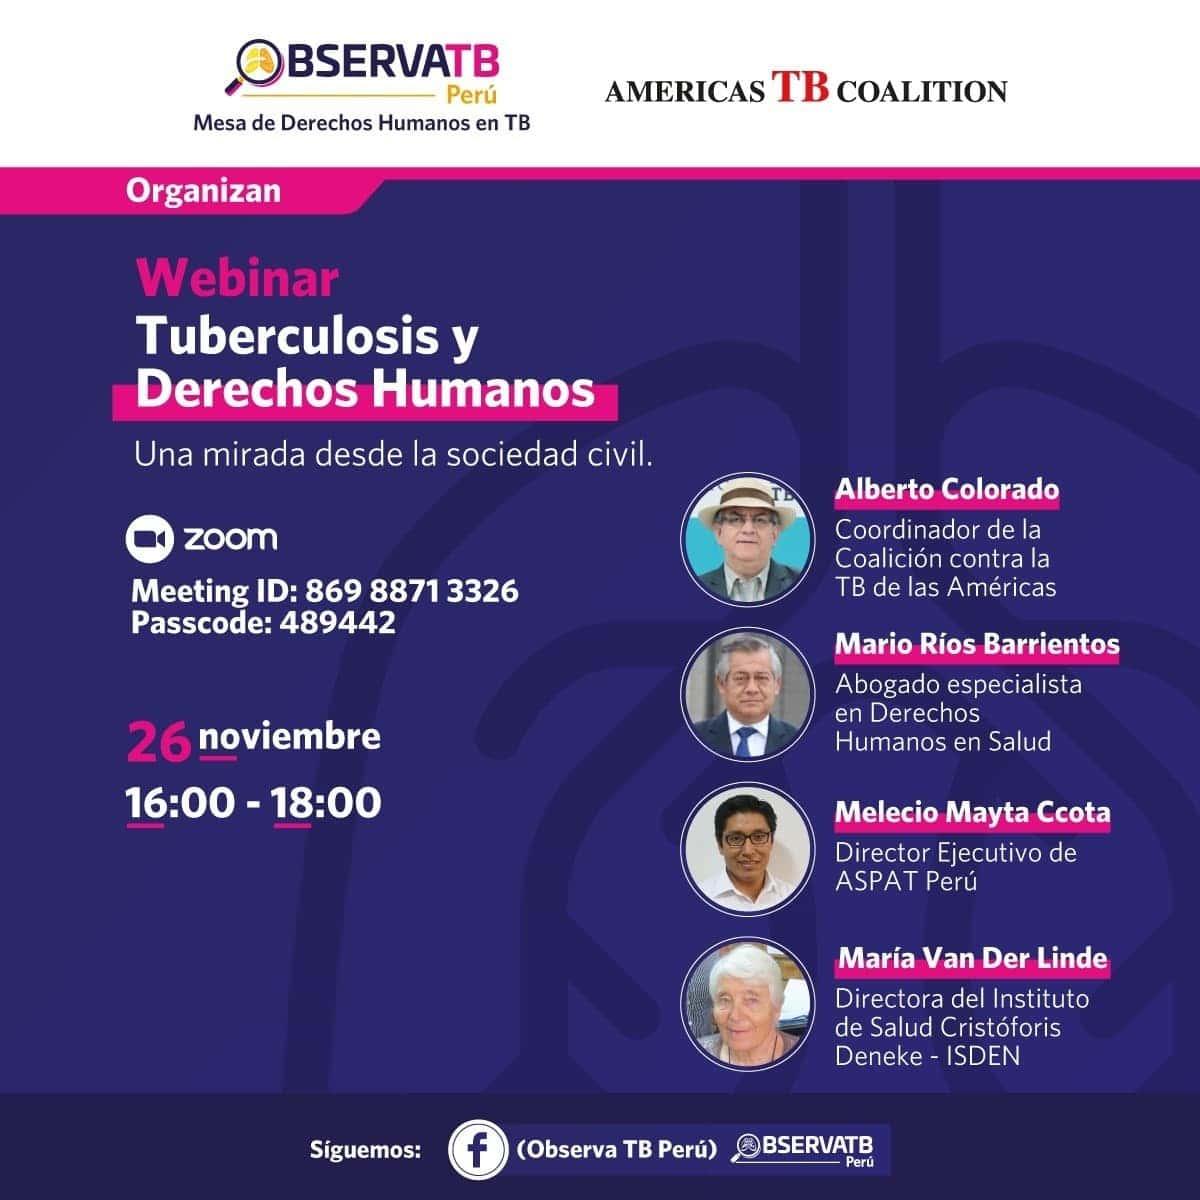 tuberculosis y derechos humanos